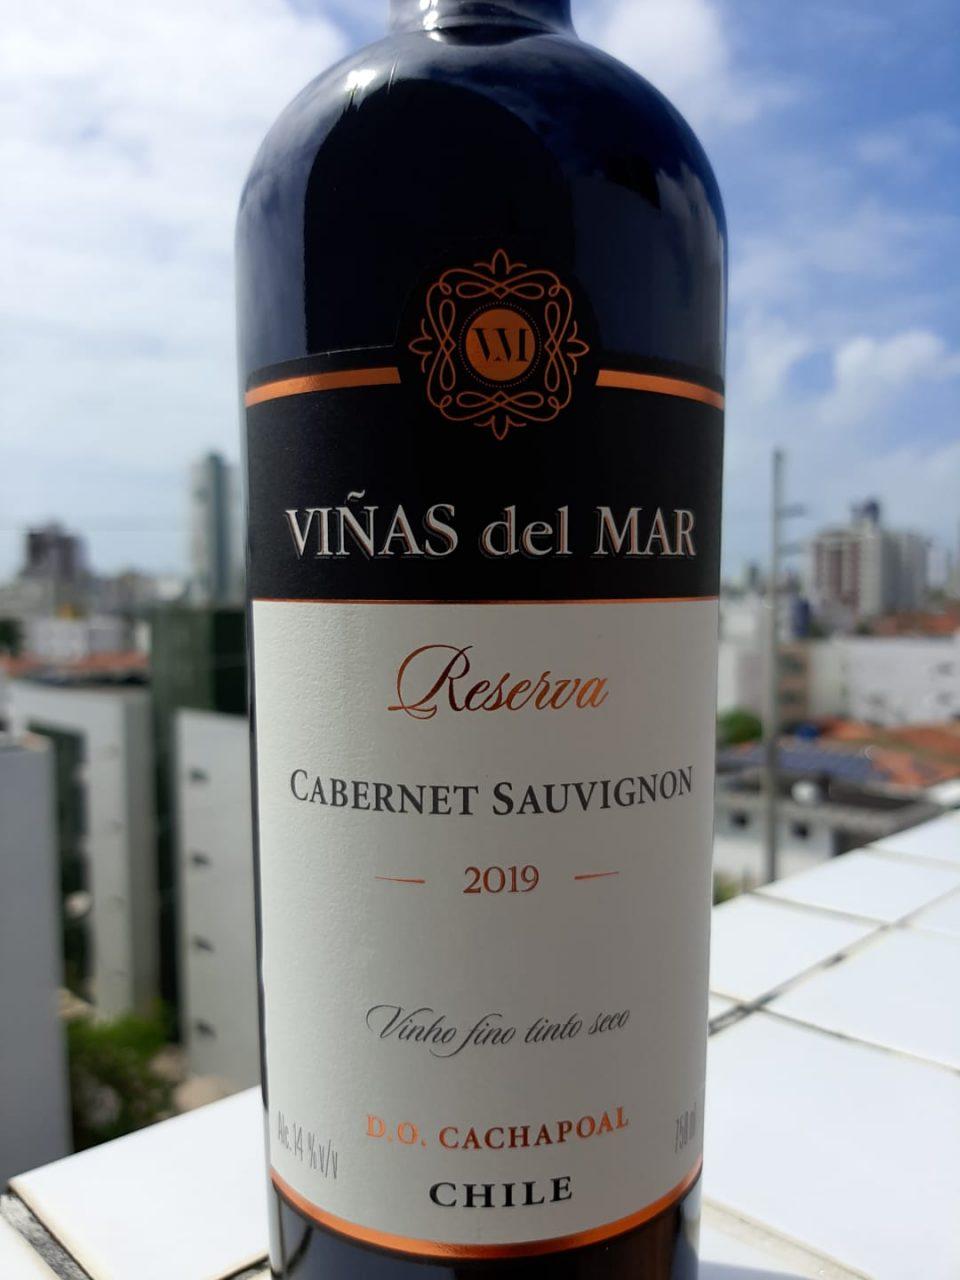 WhatsApp Image 2021 08 26 at 09.46.40 2 scaled - Sommelier Luiz Jr. realiza Curso Degustação de Vinhos em João Pessoa; saiba como se inscrever